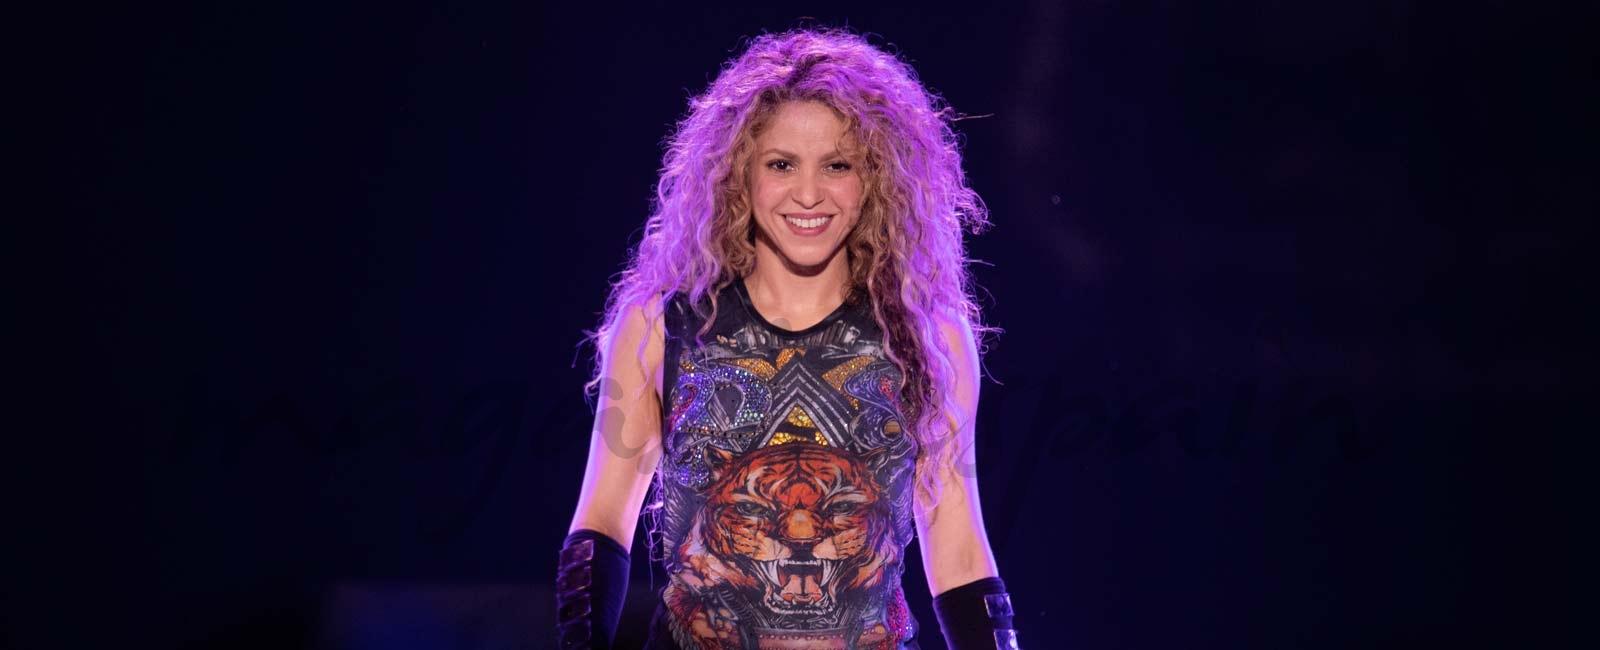 El esperado regreso de Shakira a los escenarios